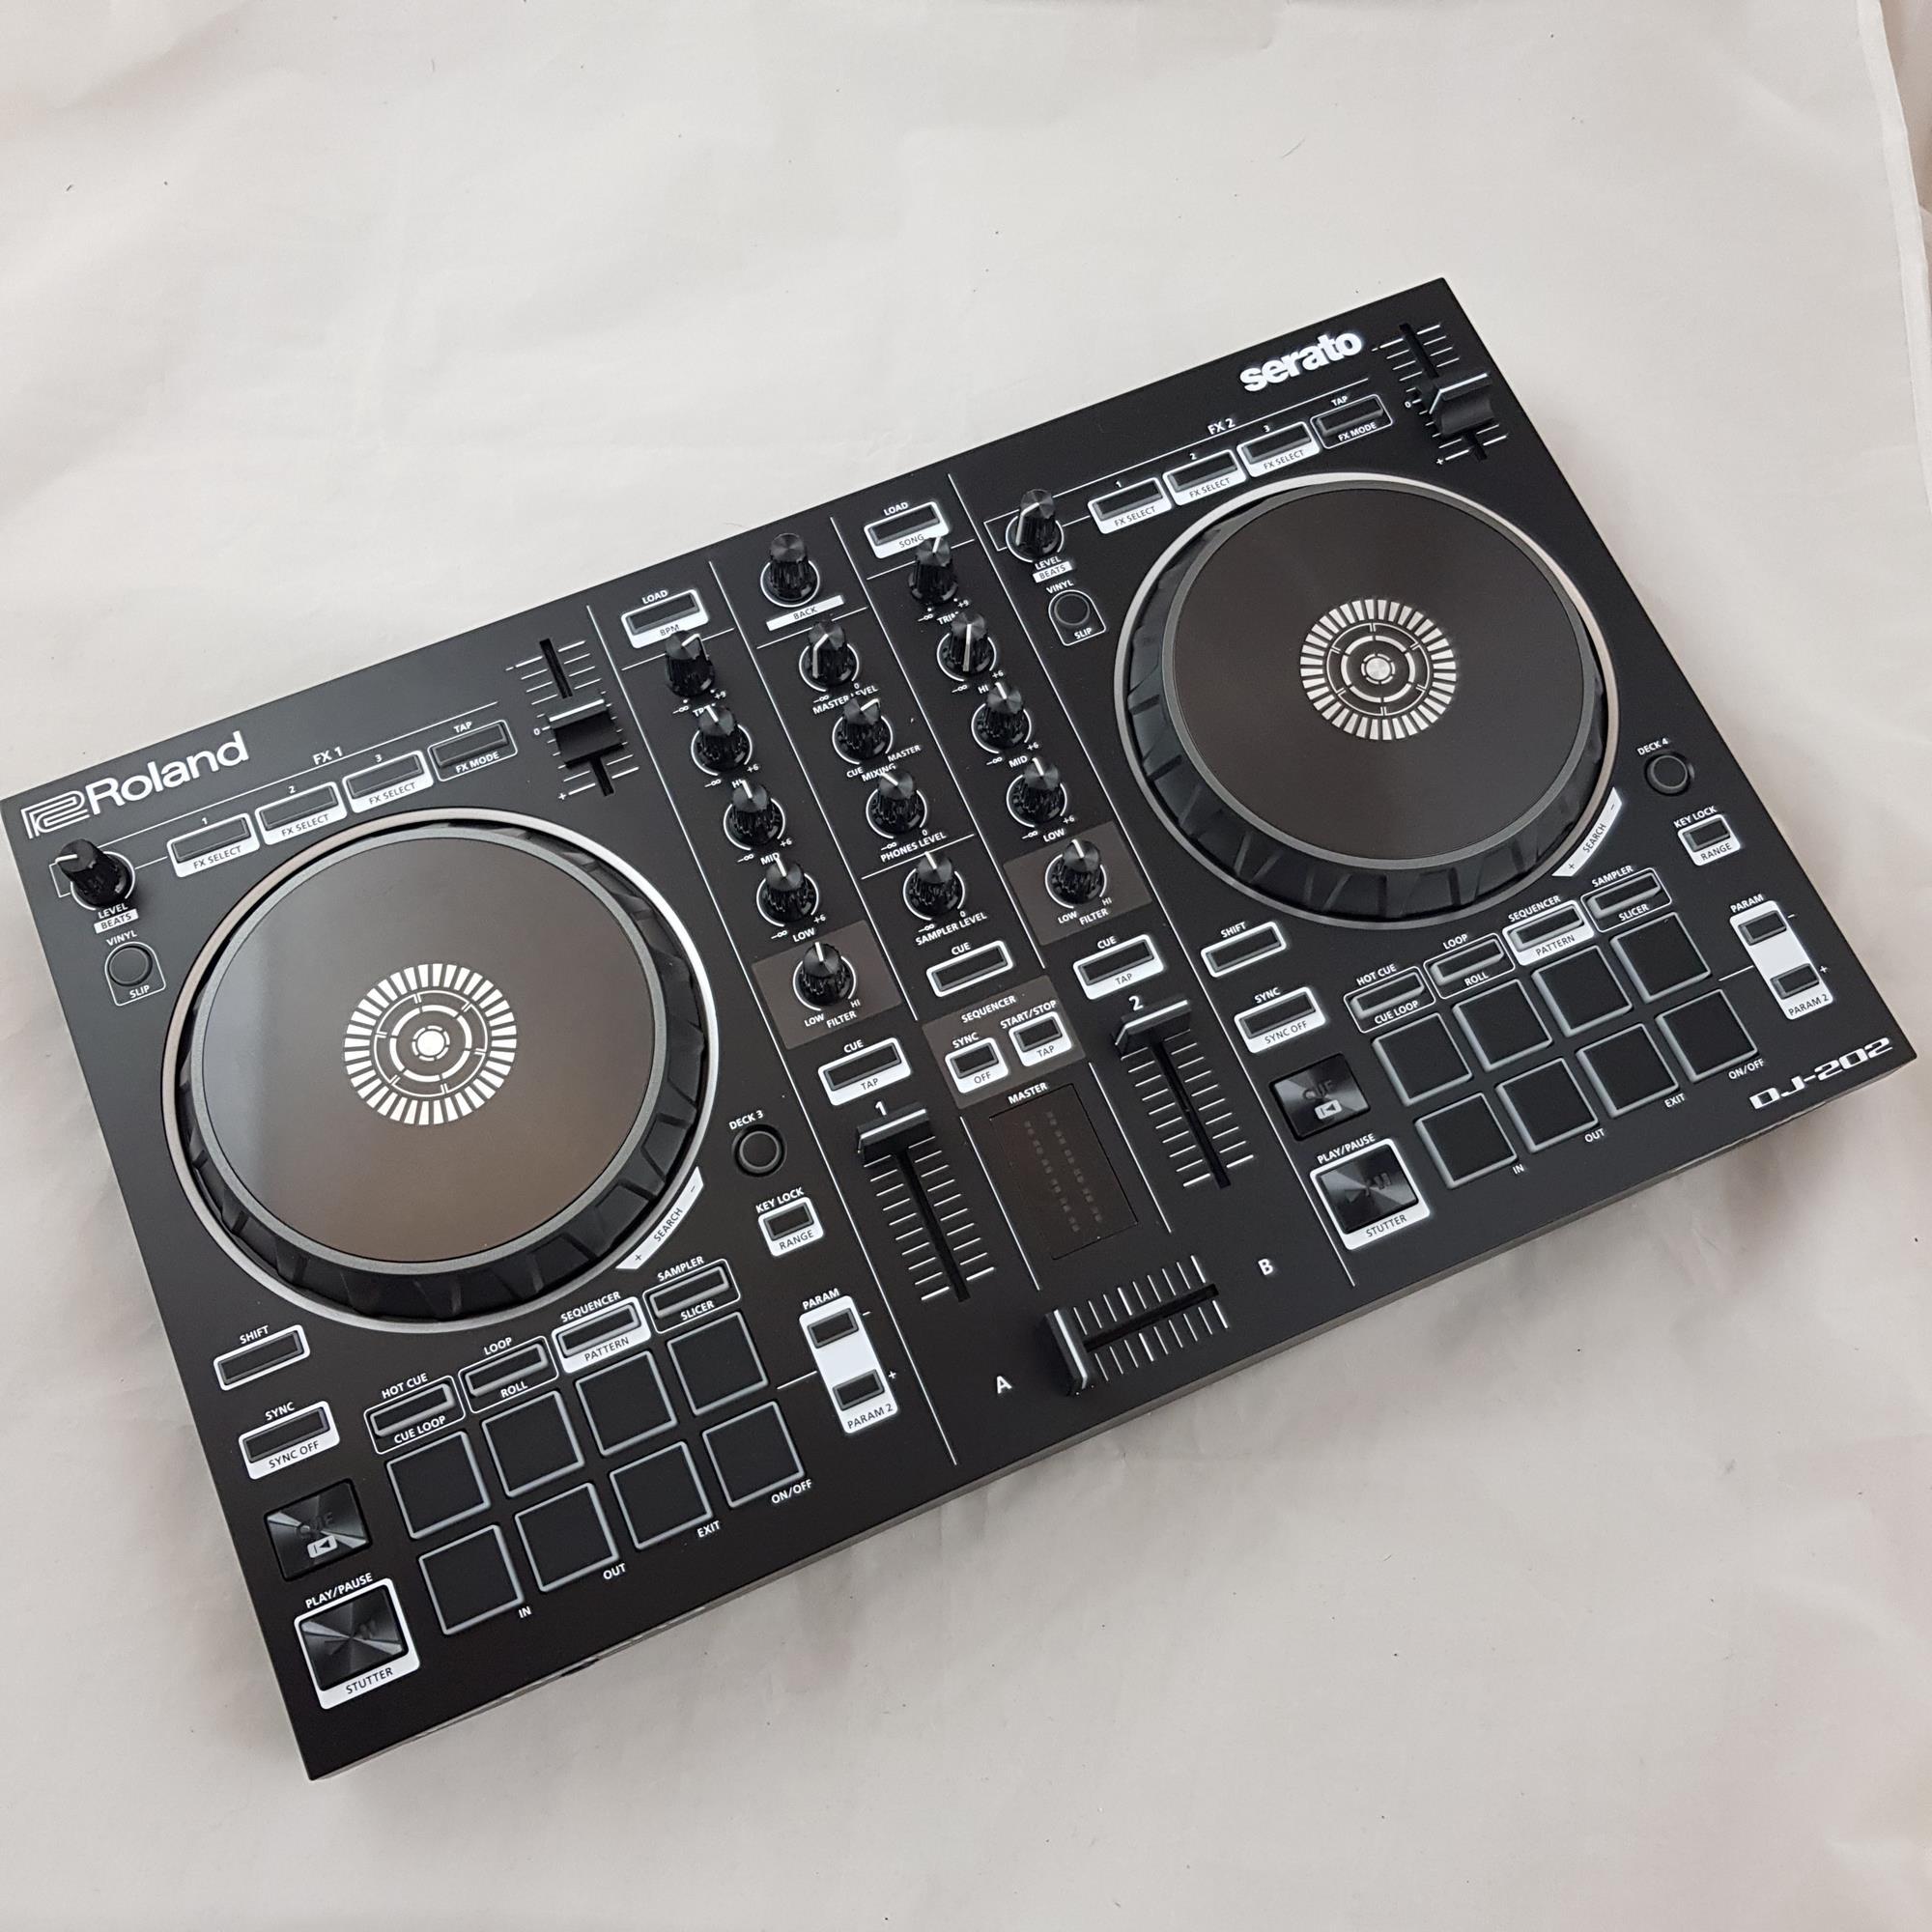 ROLAND-DJ-202-SERATO-CONTROLLER-sku-1604767739555